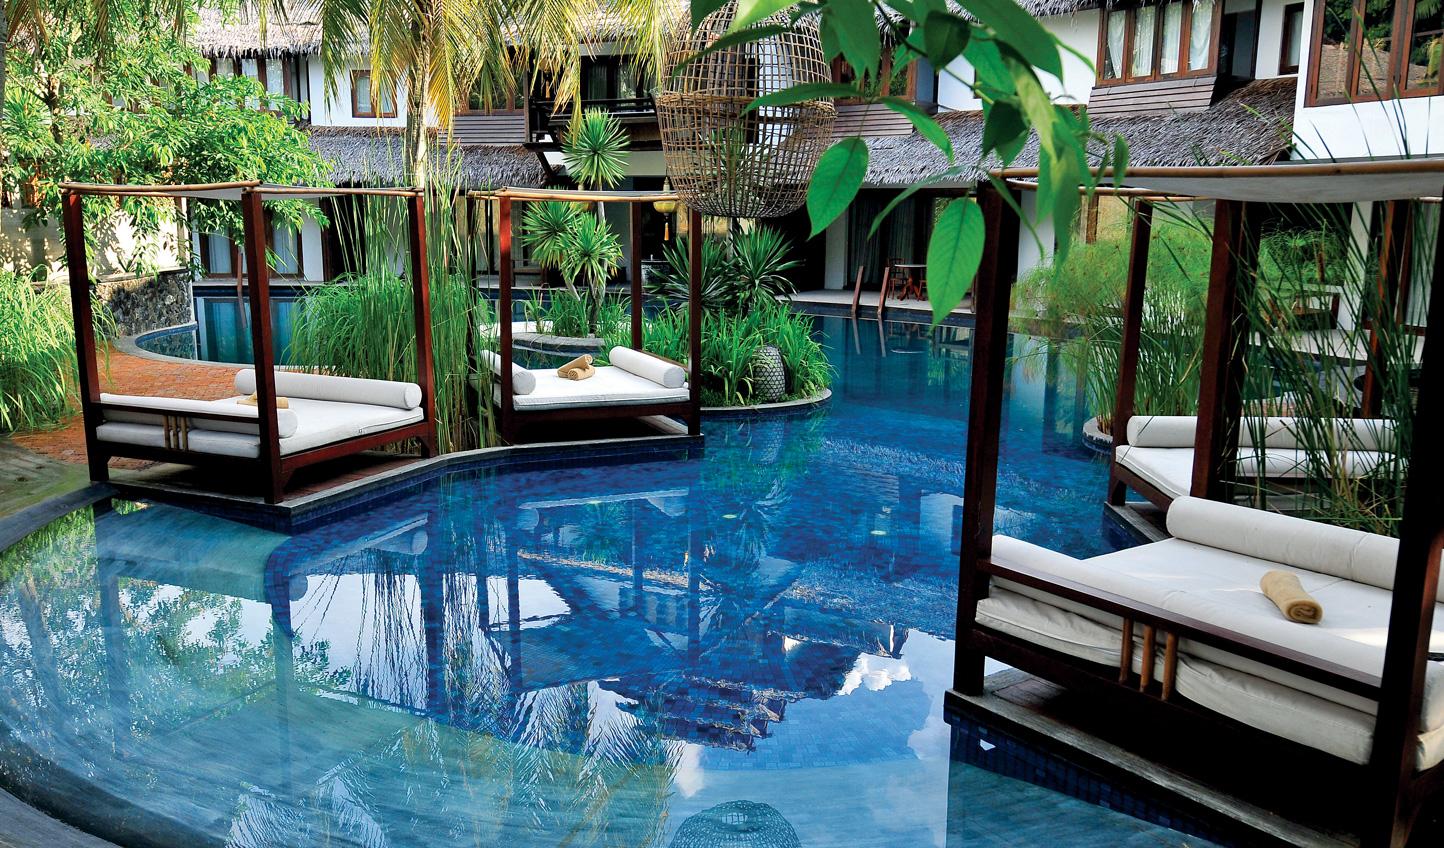 Retreat to Villa Samadhi after walking Kuala Lumpur